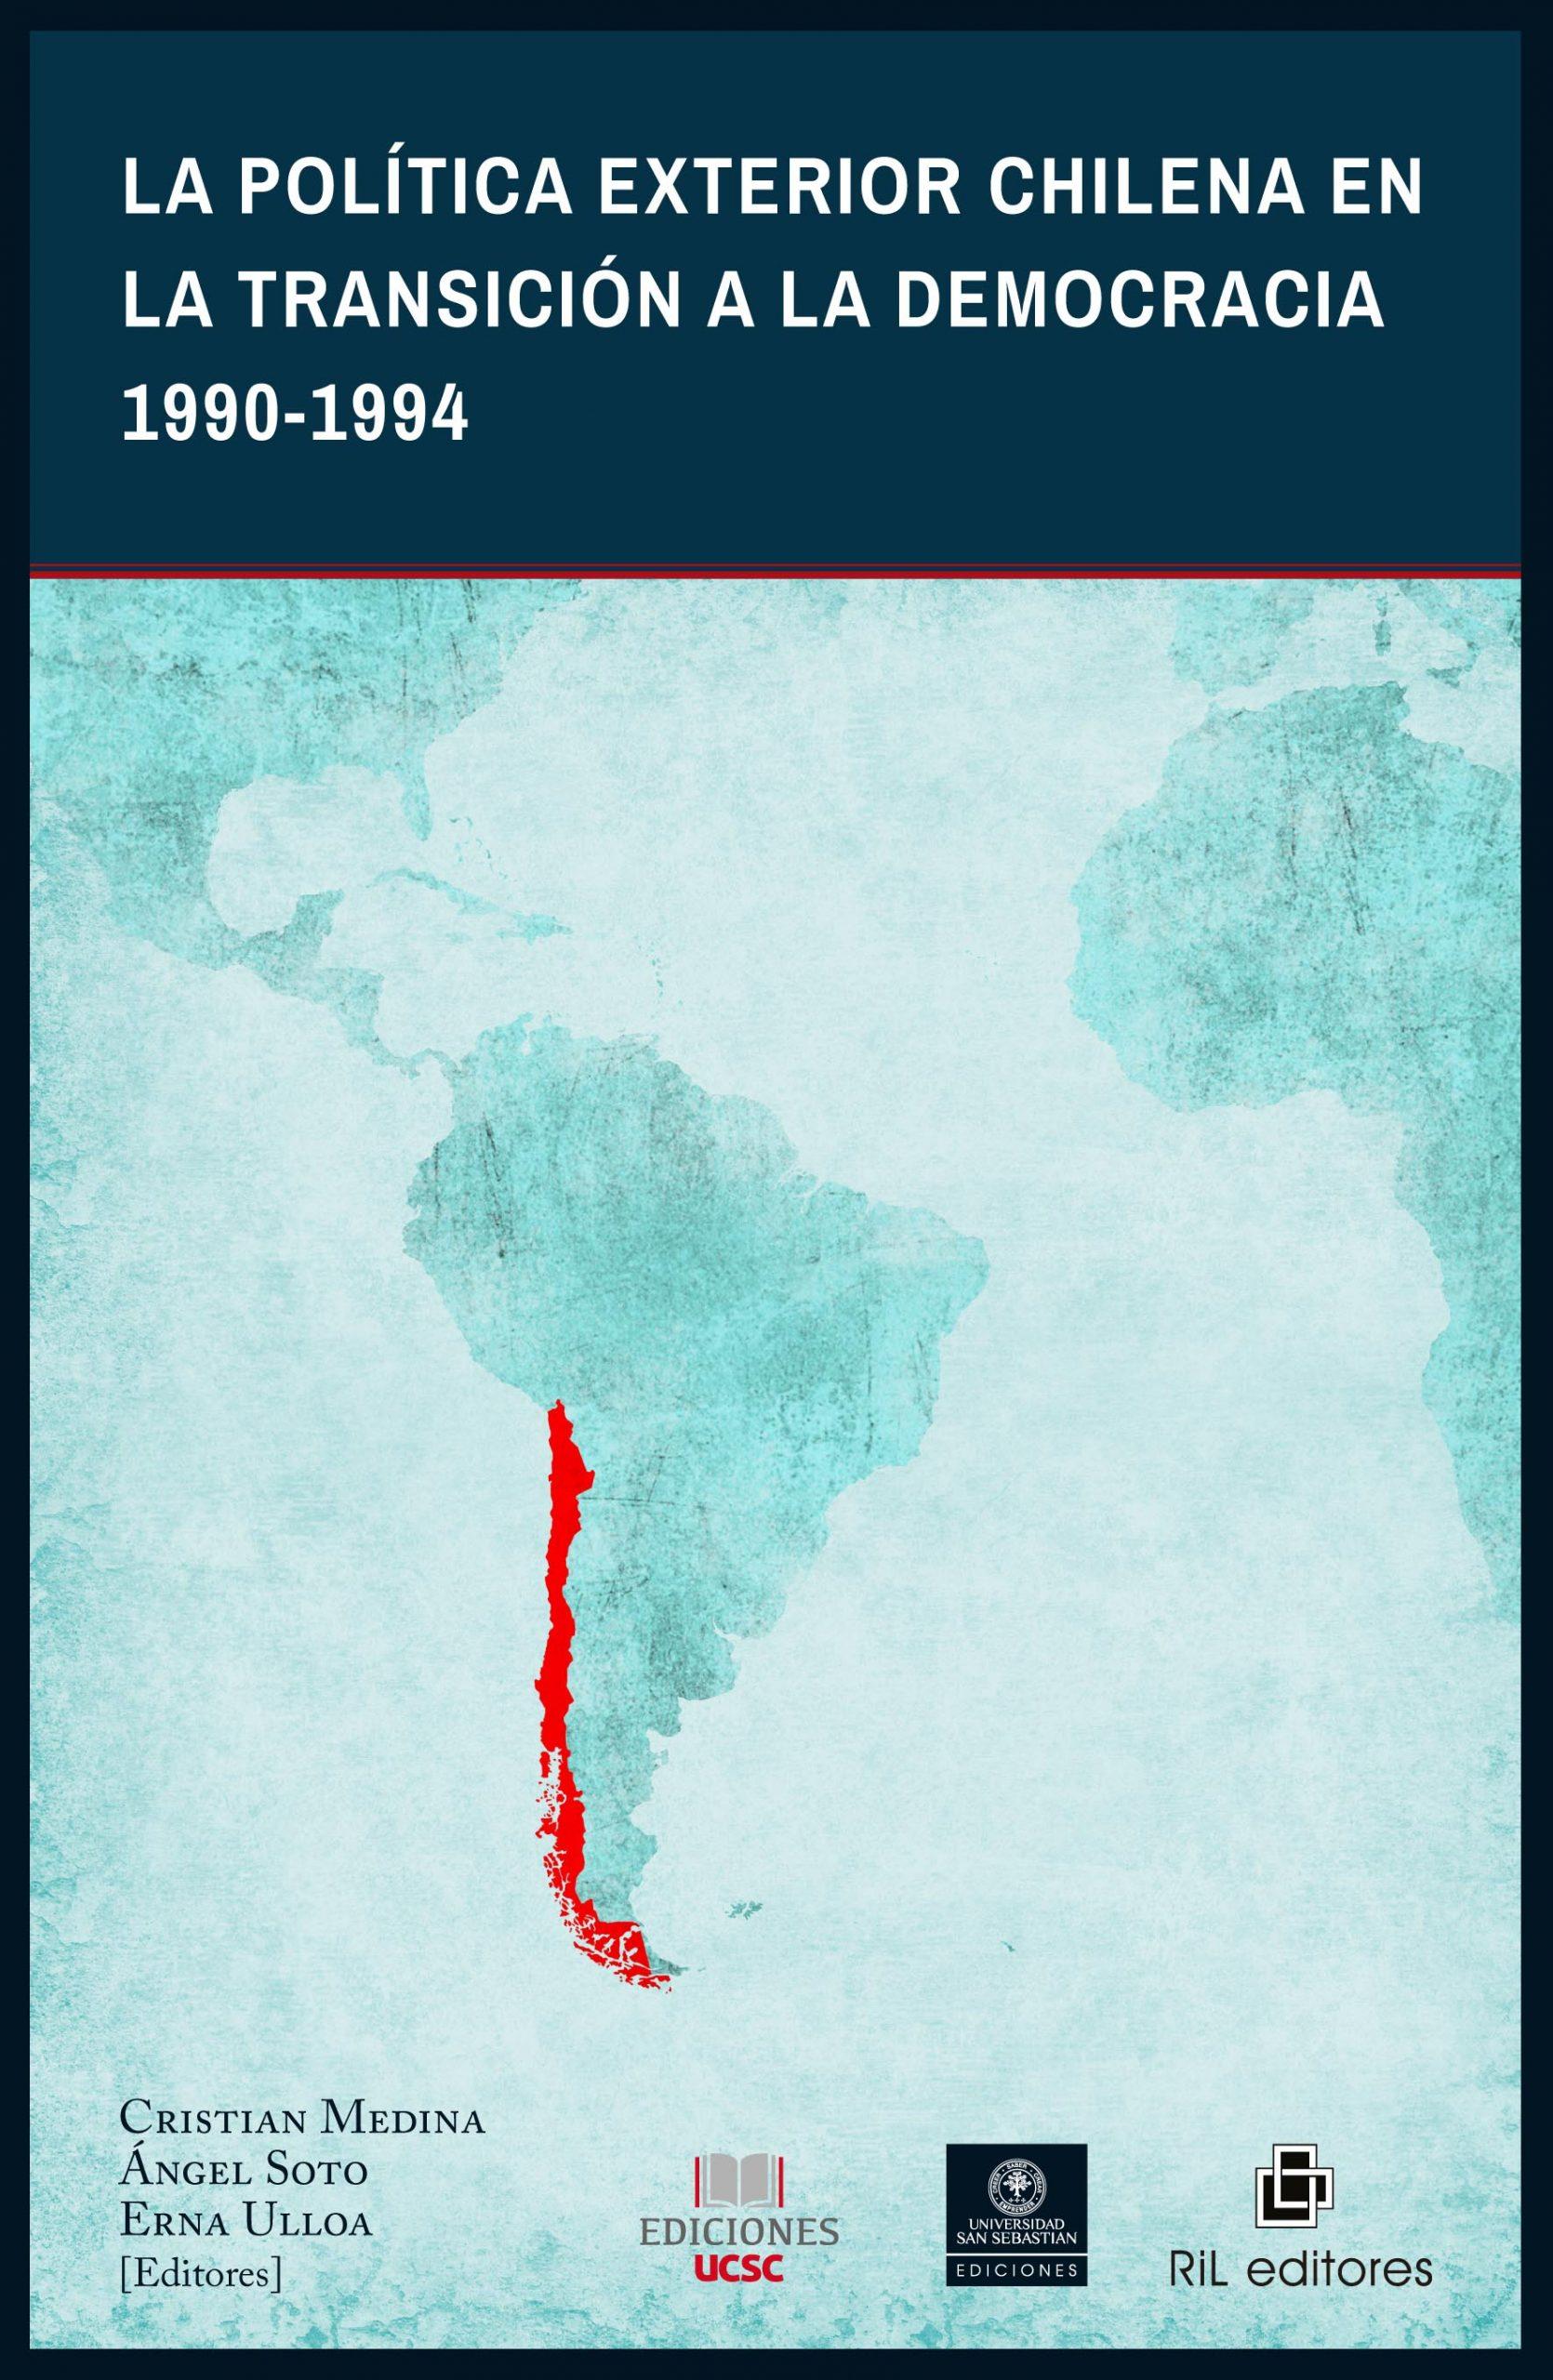 La política exterior chilena en la transición a la democracia 1990-1994 1